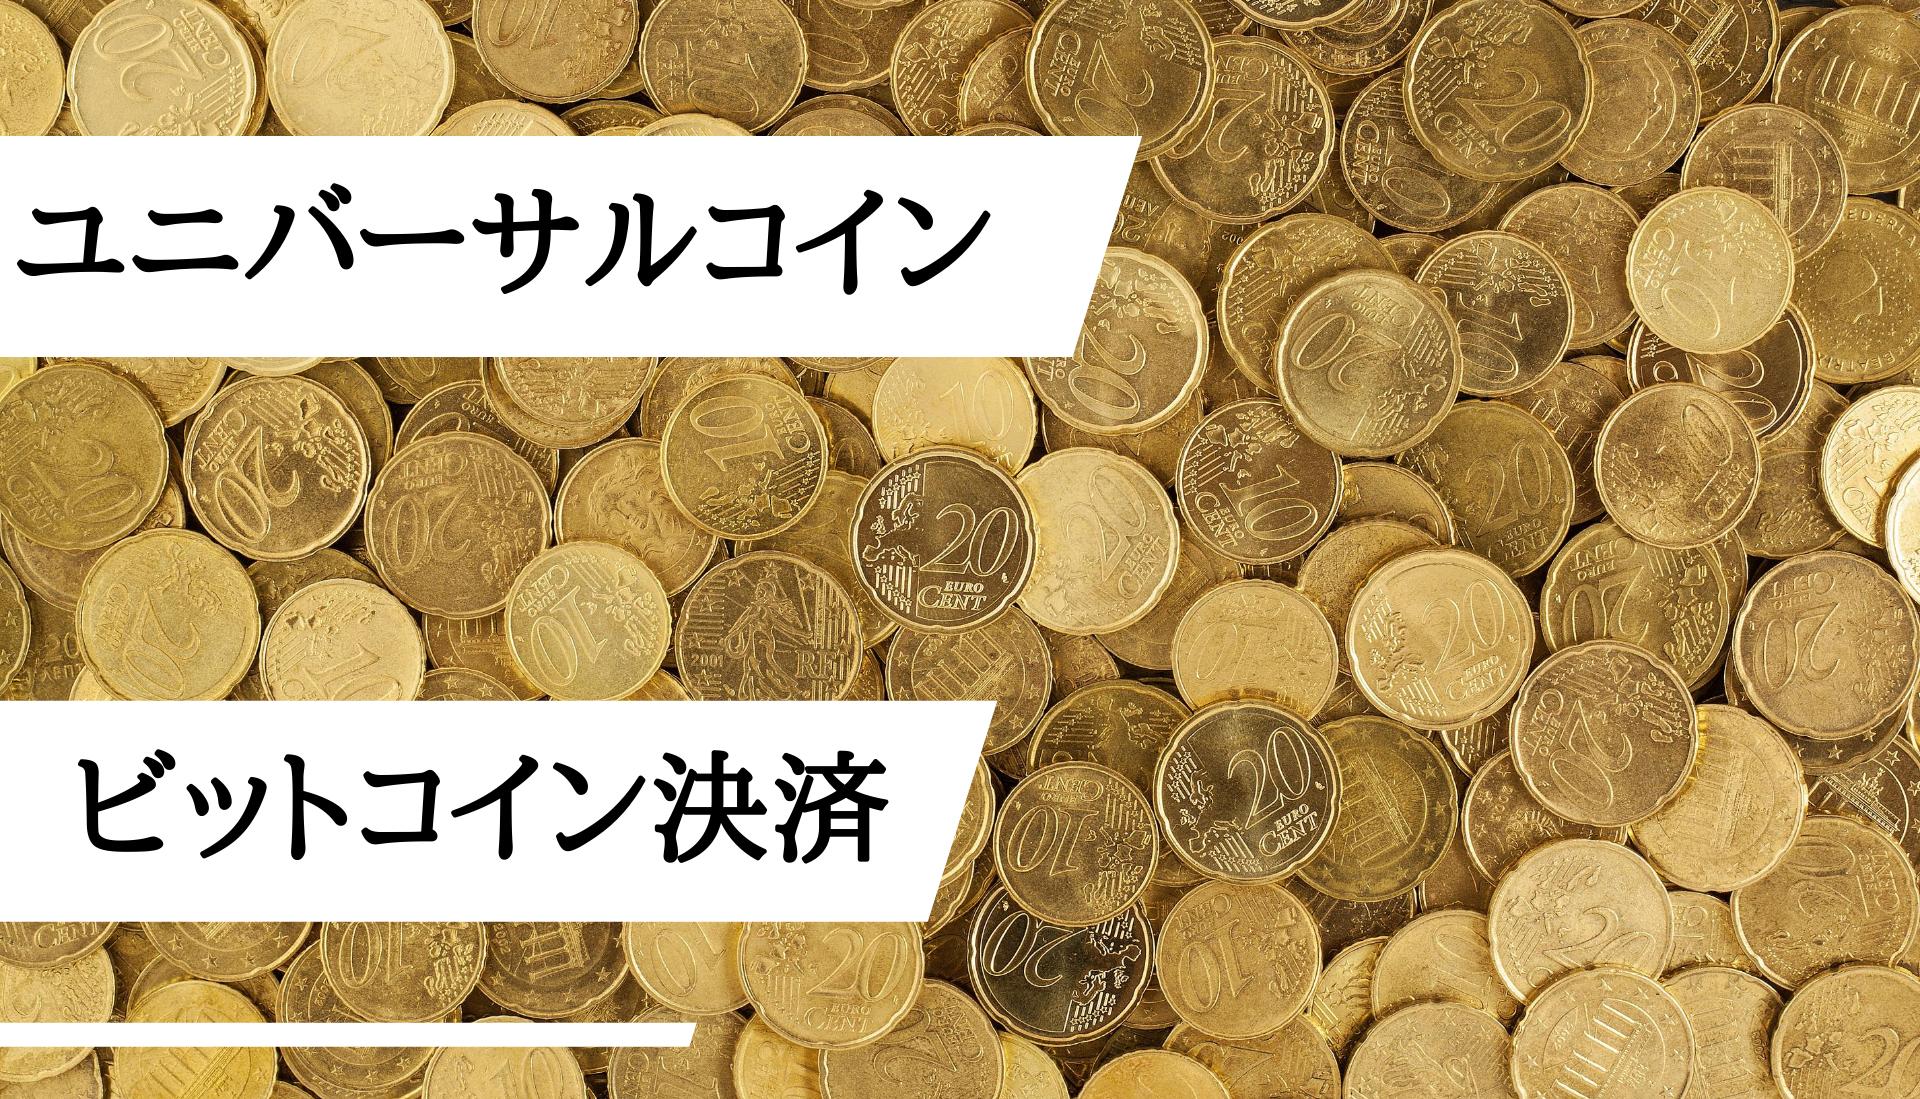 ユニバーサルコイン評判_ビットコイン決済